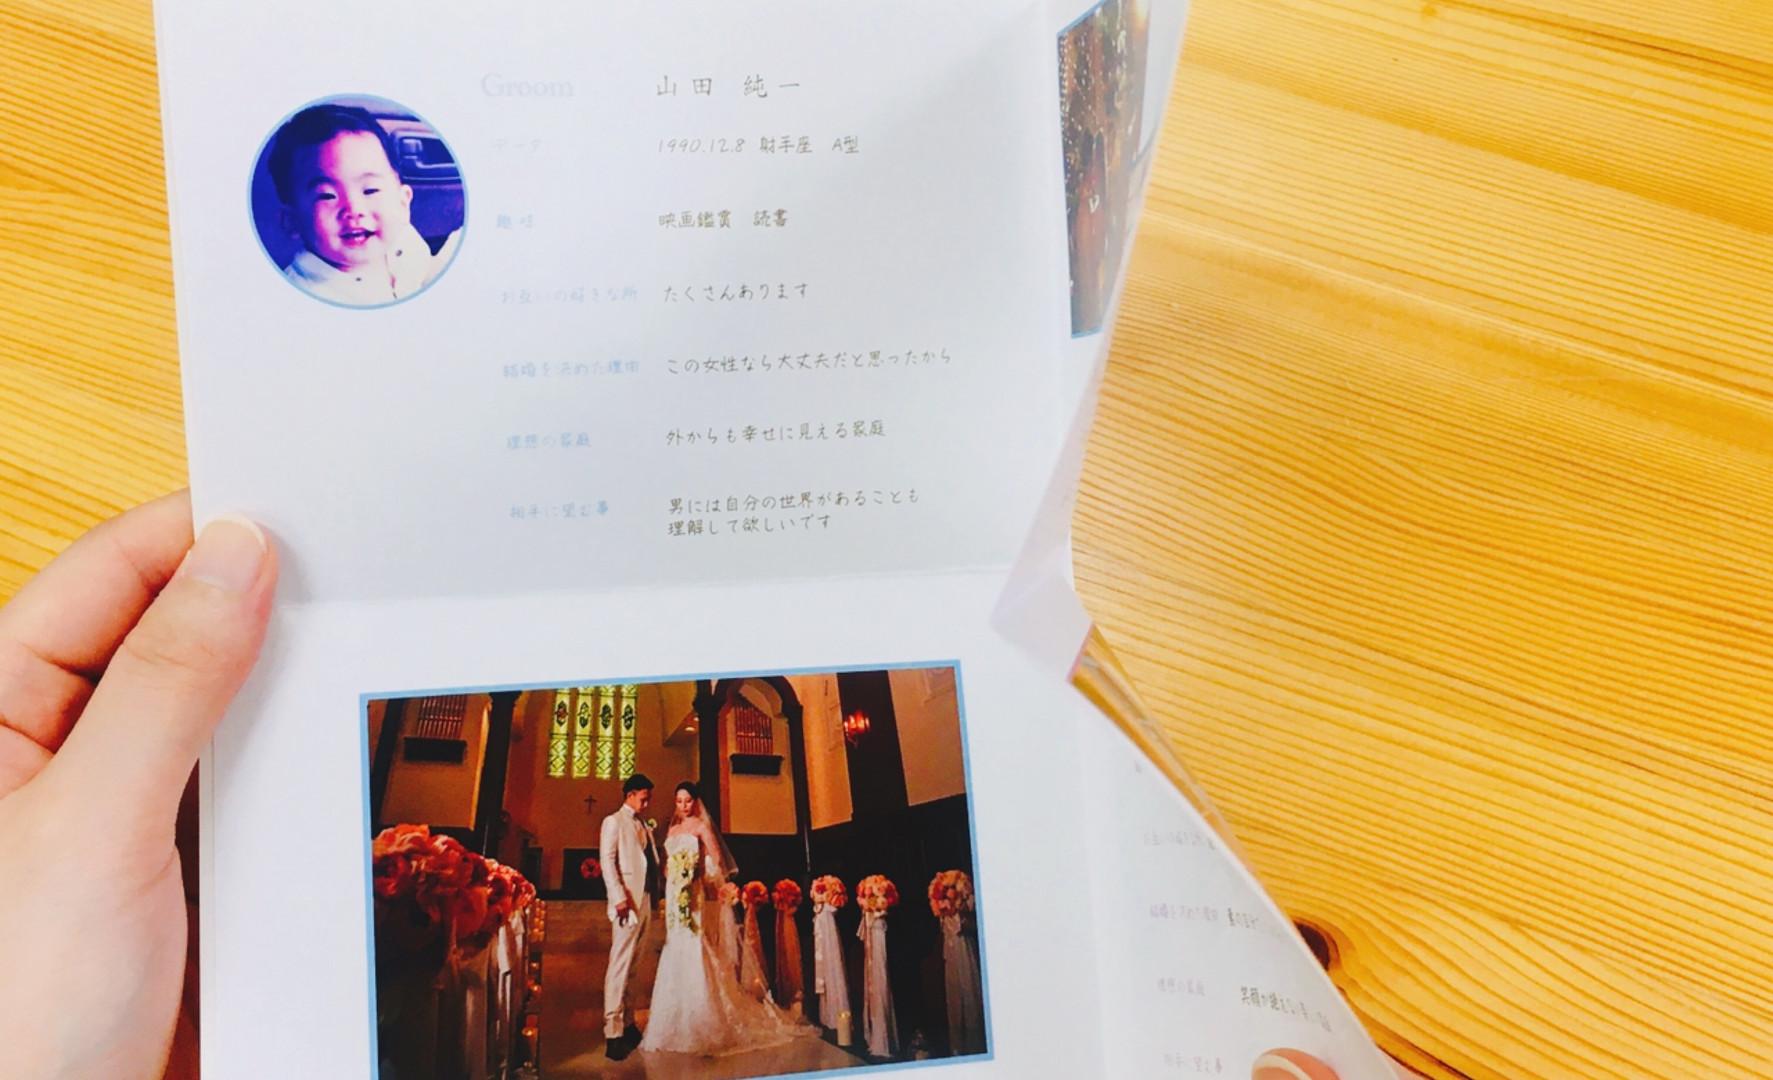 手持ち Just married デザイン3-A-4.jpg